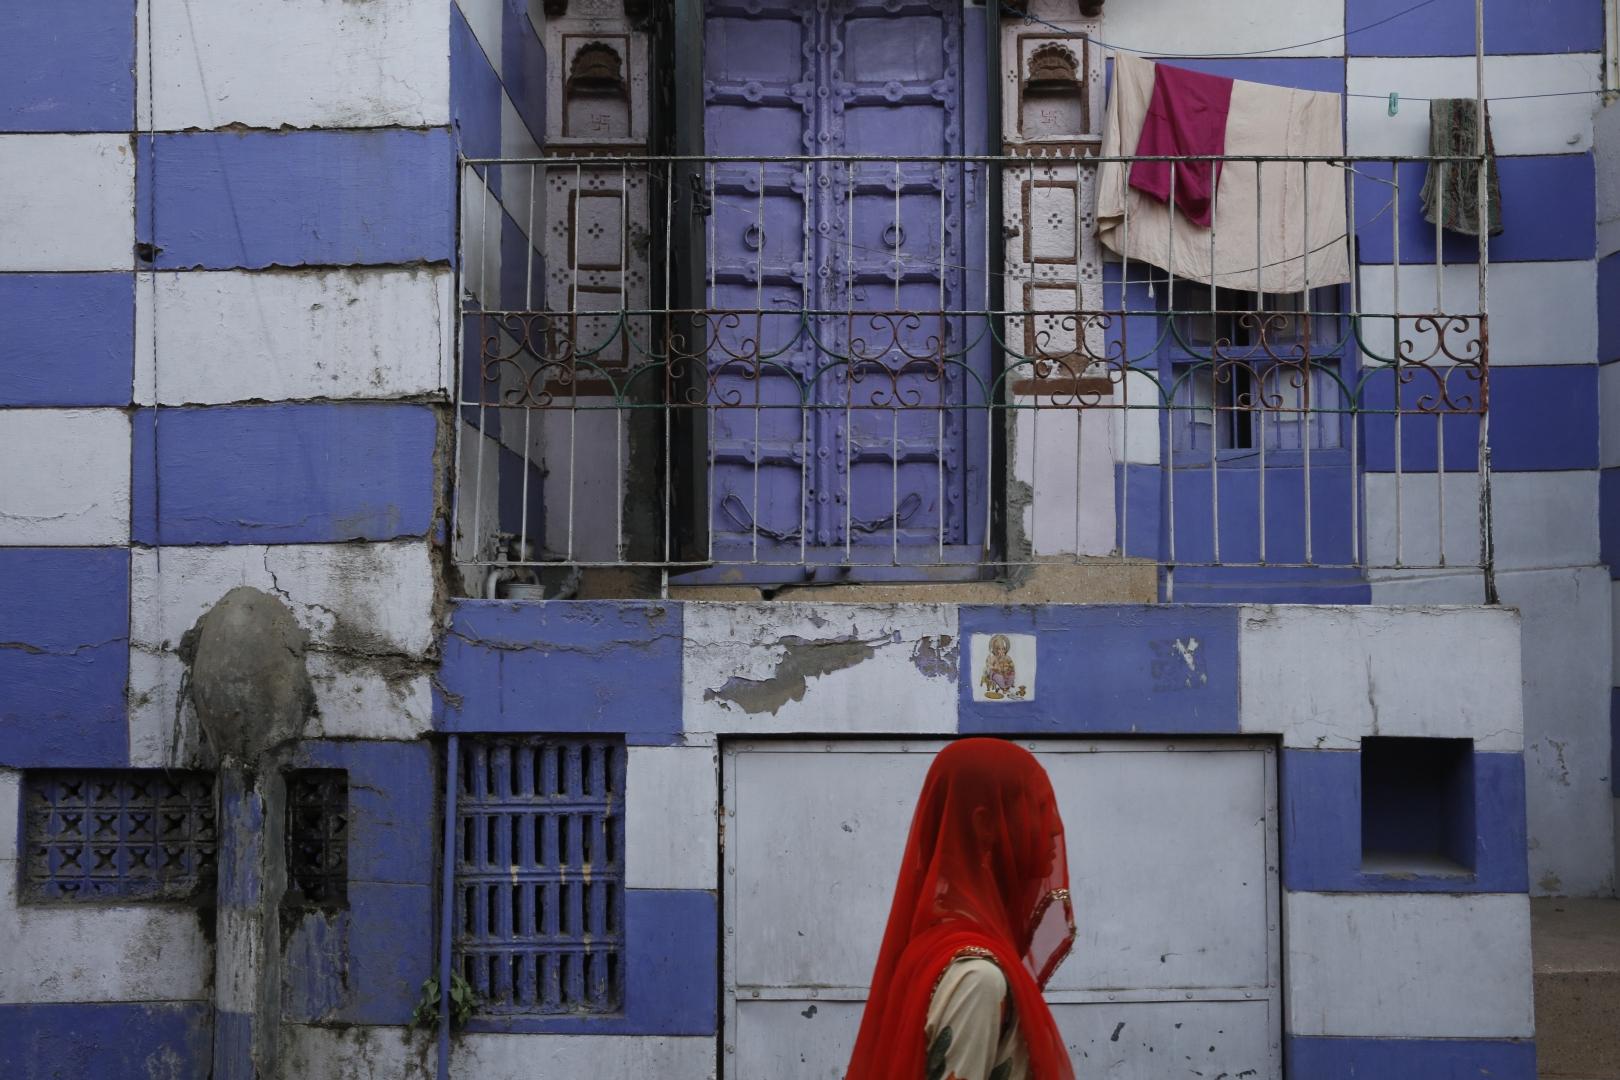 Женщины штата Раджастан, в котором расположен Джодхпур, носят в основном сари красного, синего и желтого цветов